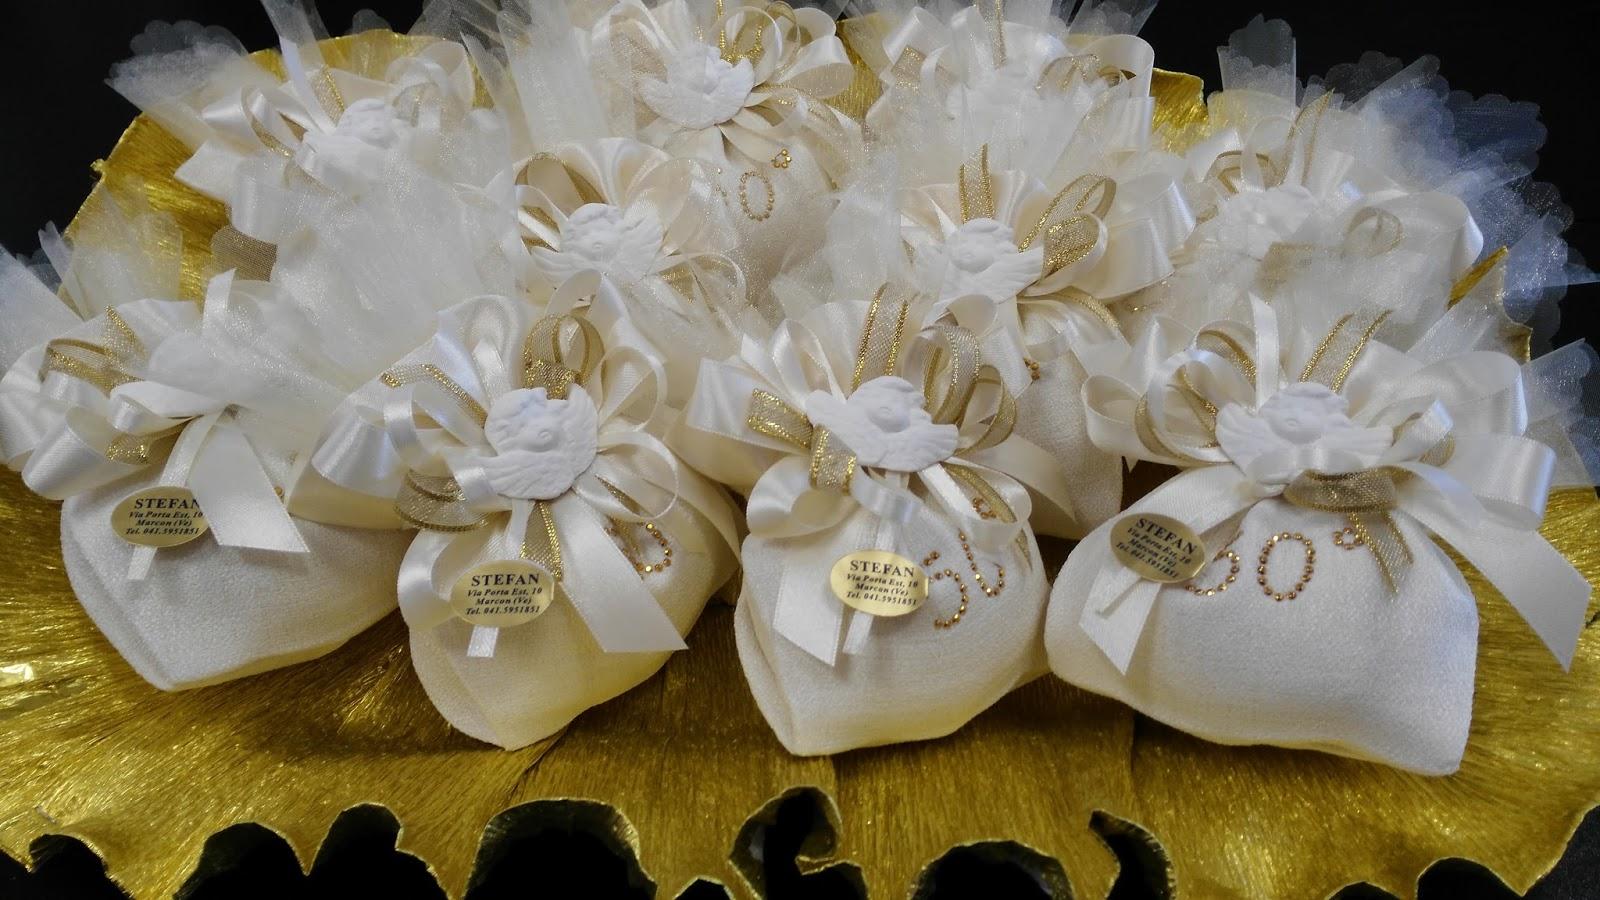 Molto bombonierestefan: Bomboniere Nozze d'oro per i 50 anni di Matrimonio IY17